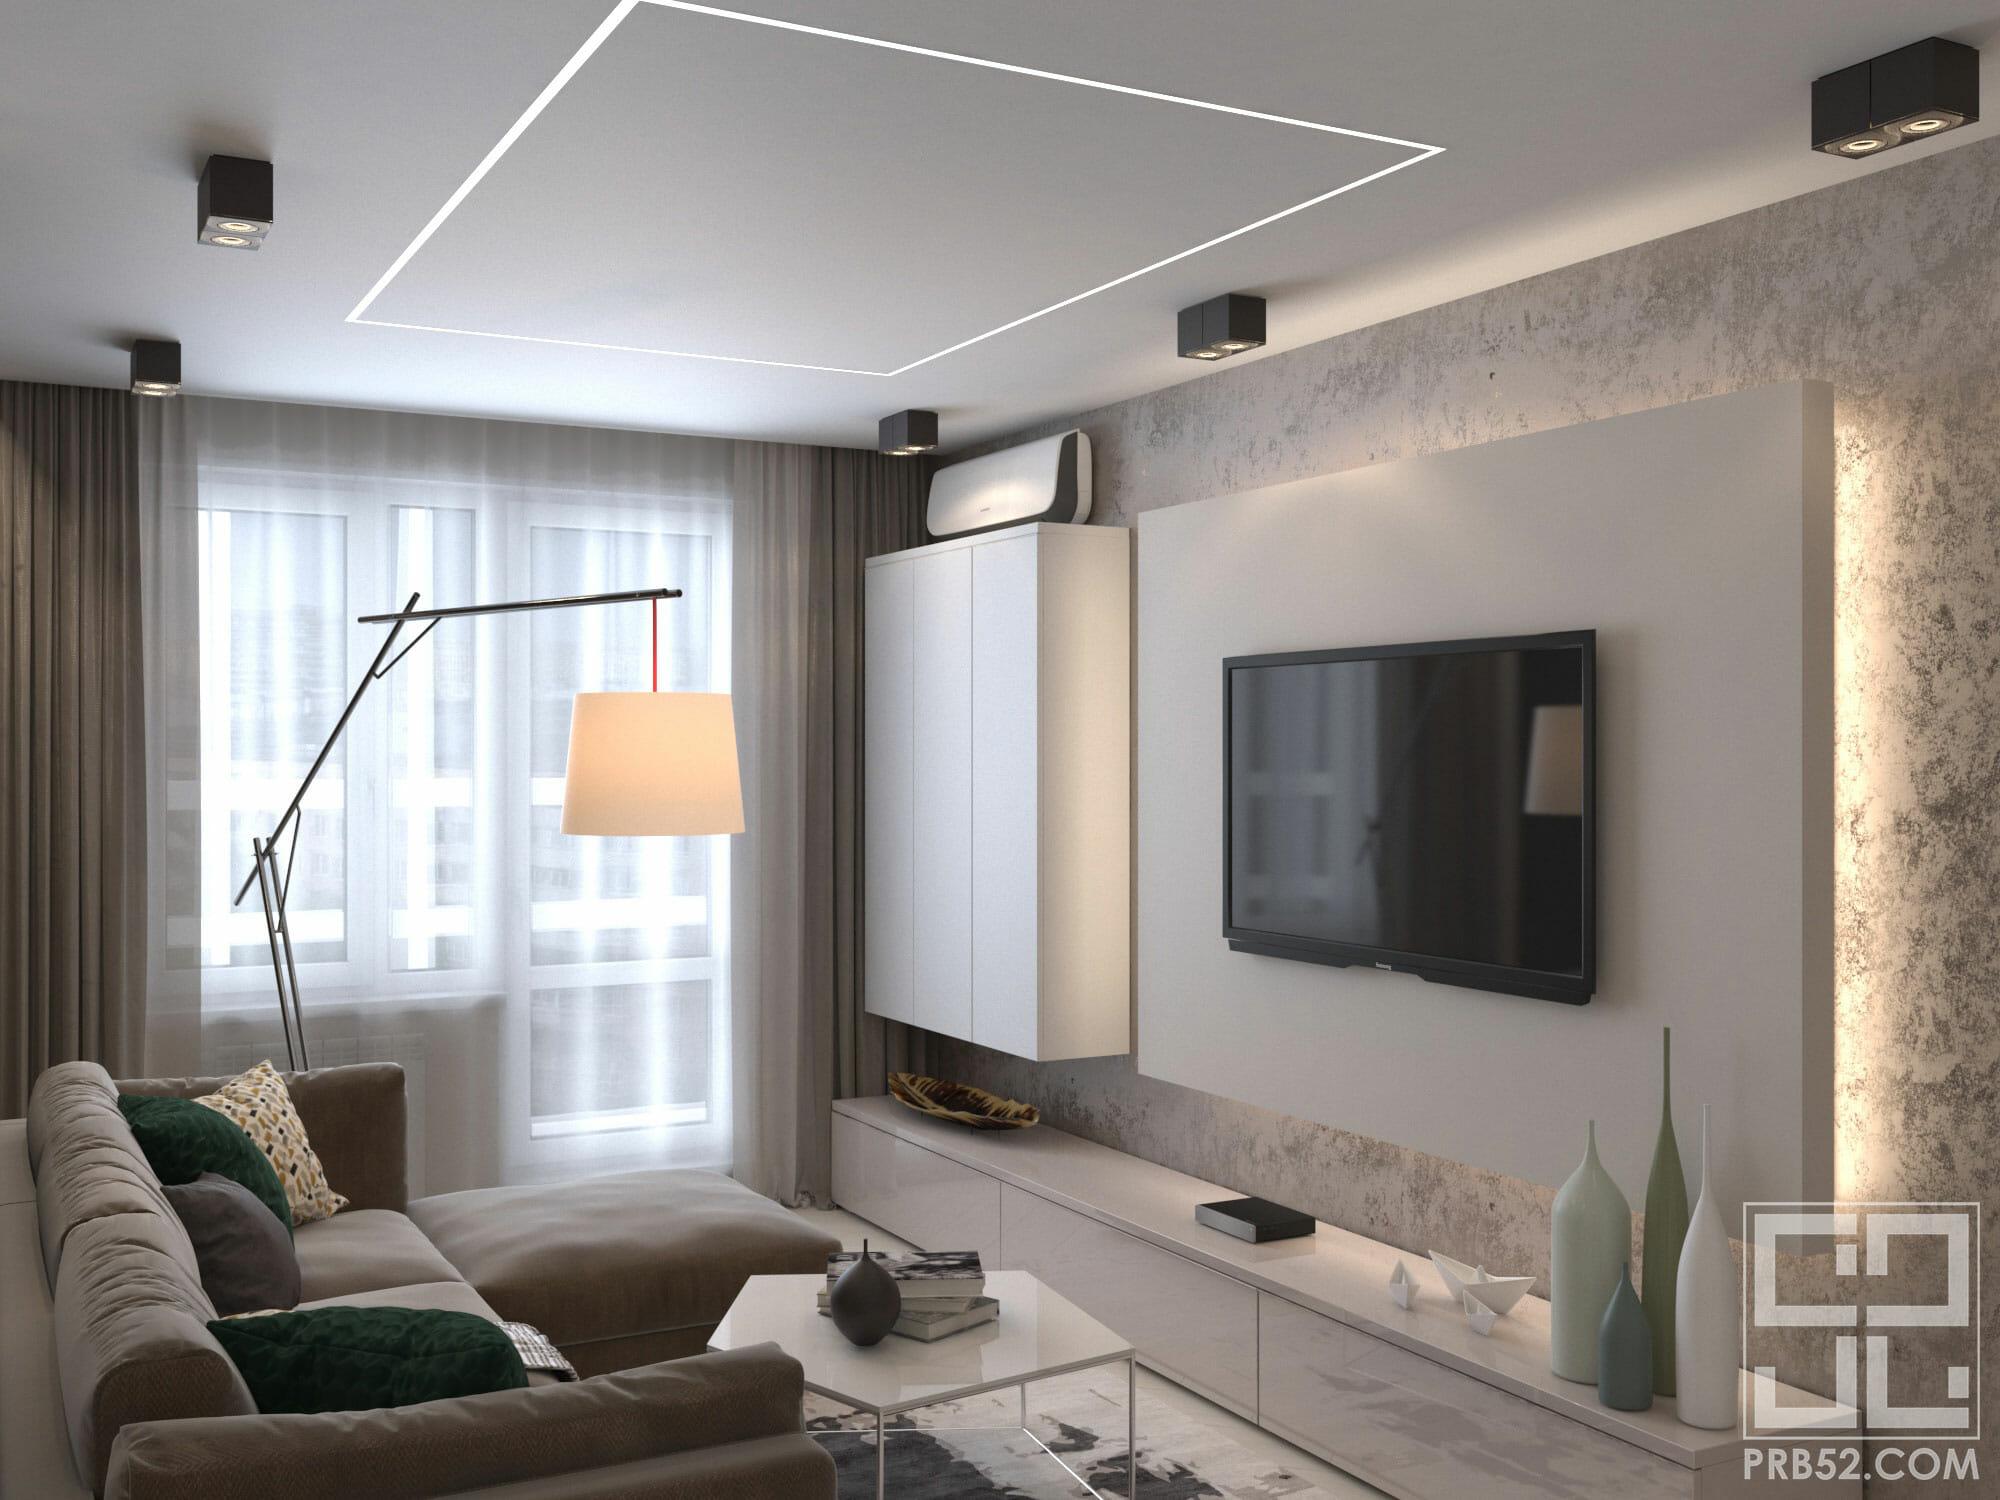 дизайн интерьера современной гостиной комнаты с подсветкой